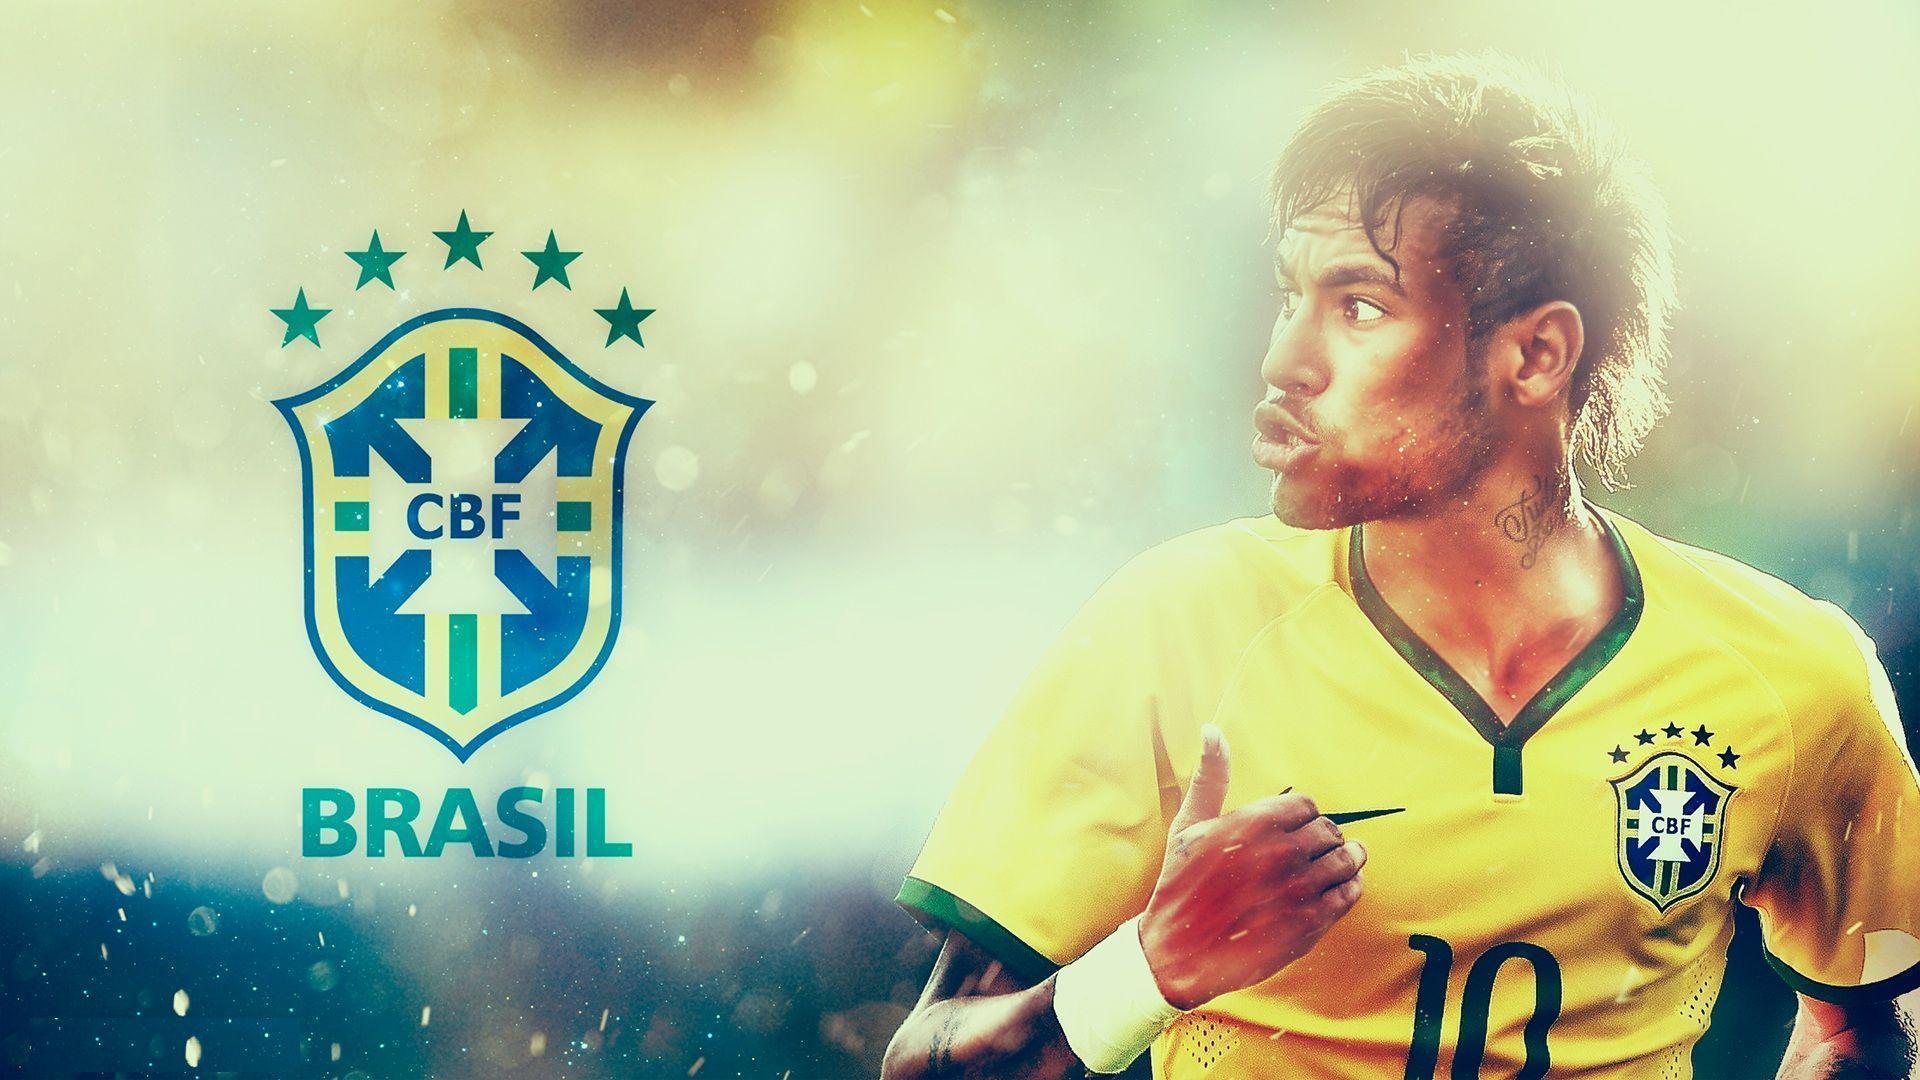 Neymar Brazil Wallpapers - Neymar Jr 2014 World Cup , HD Wallpaper & Backgrounds